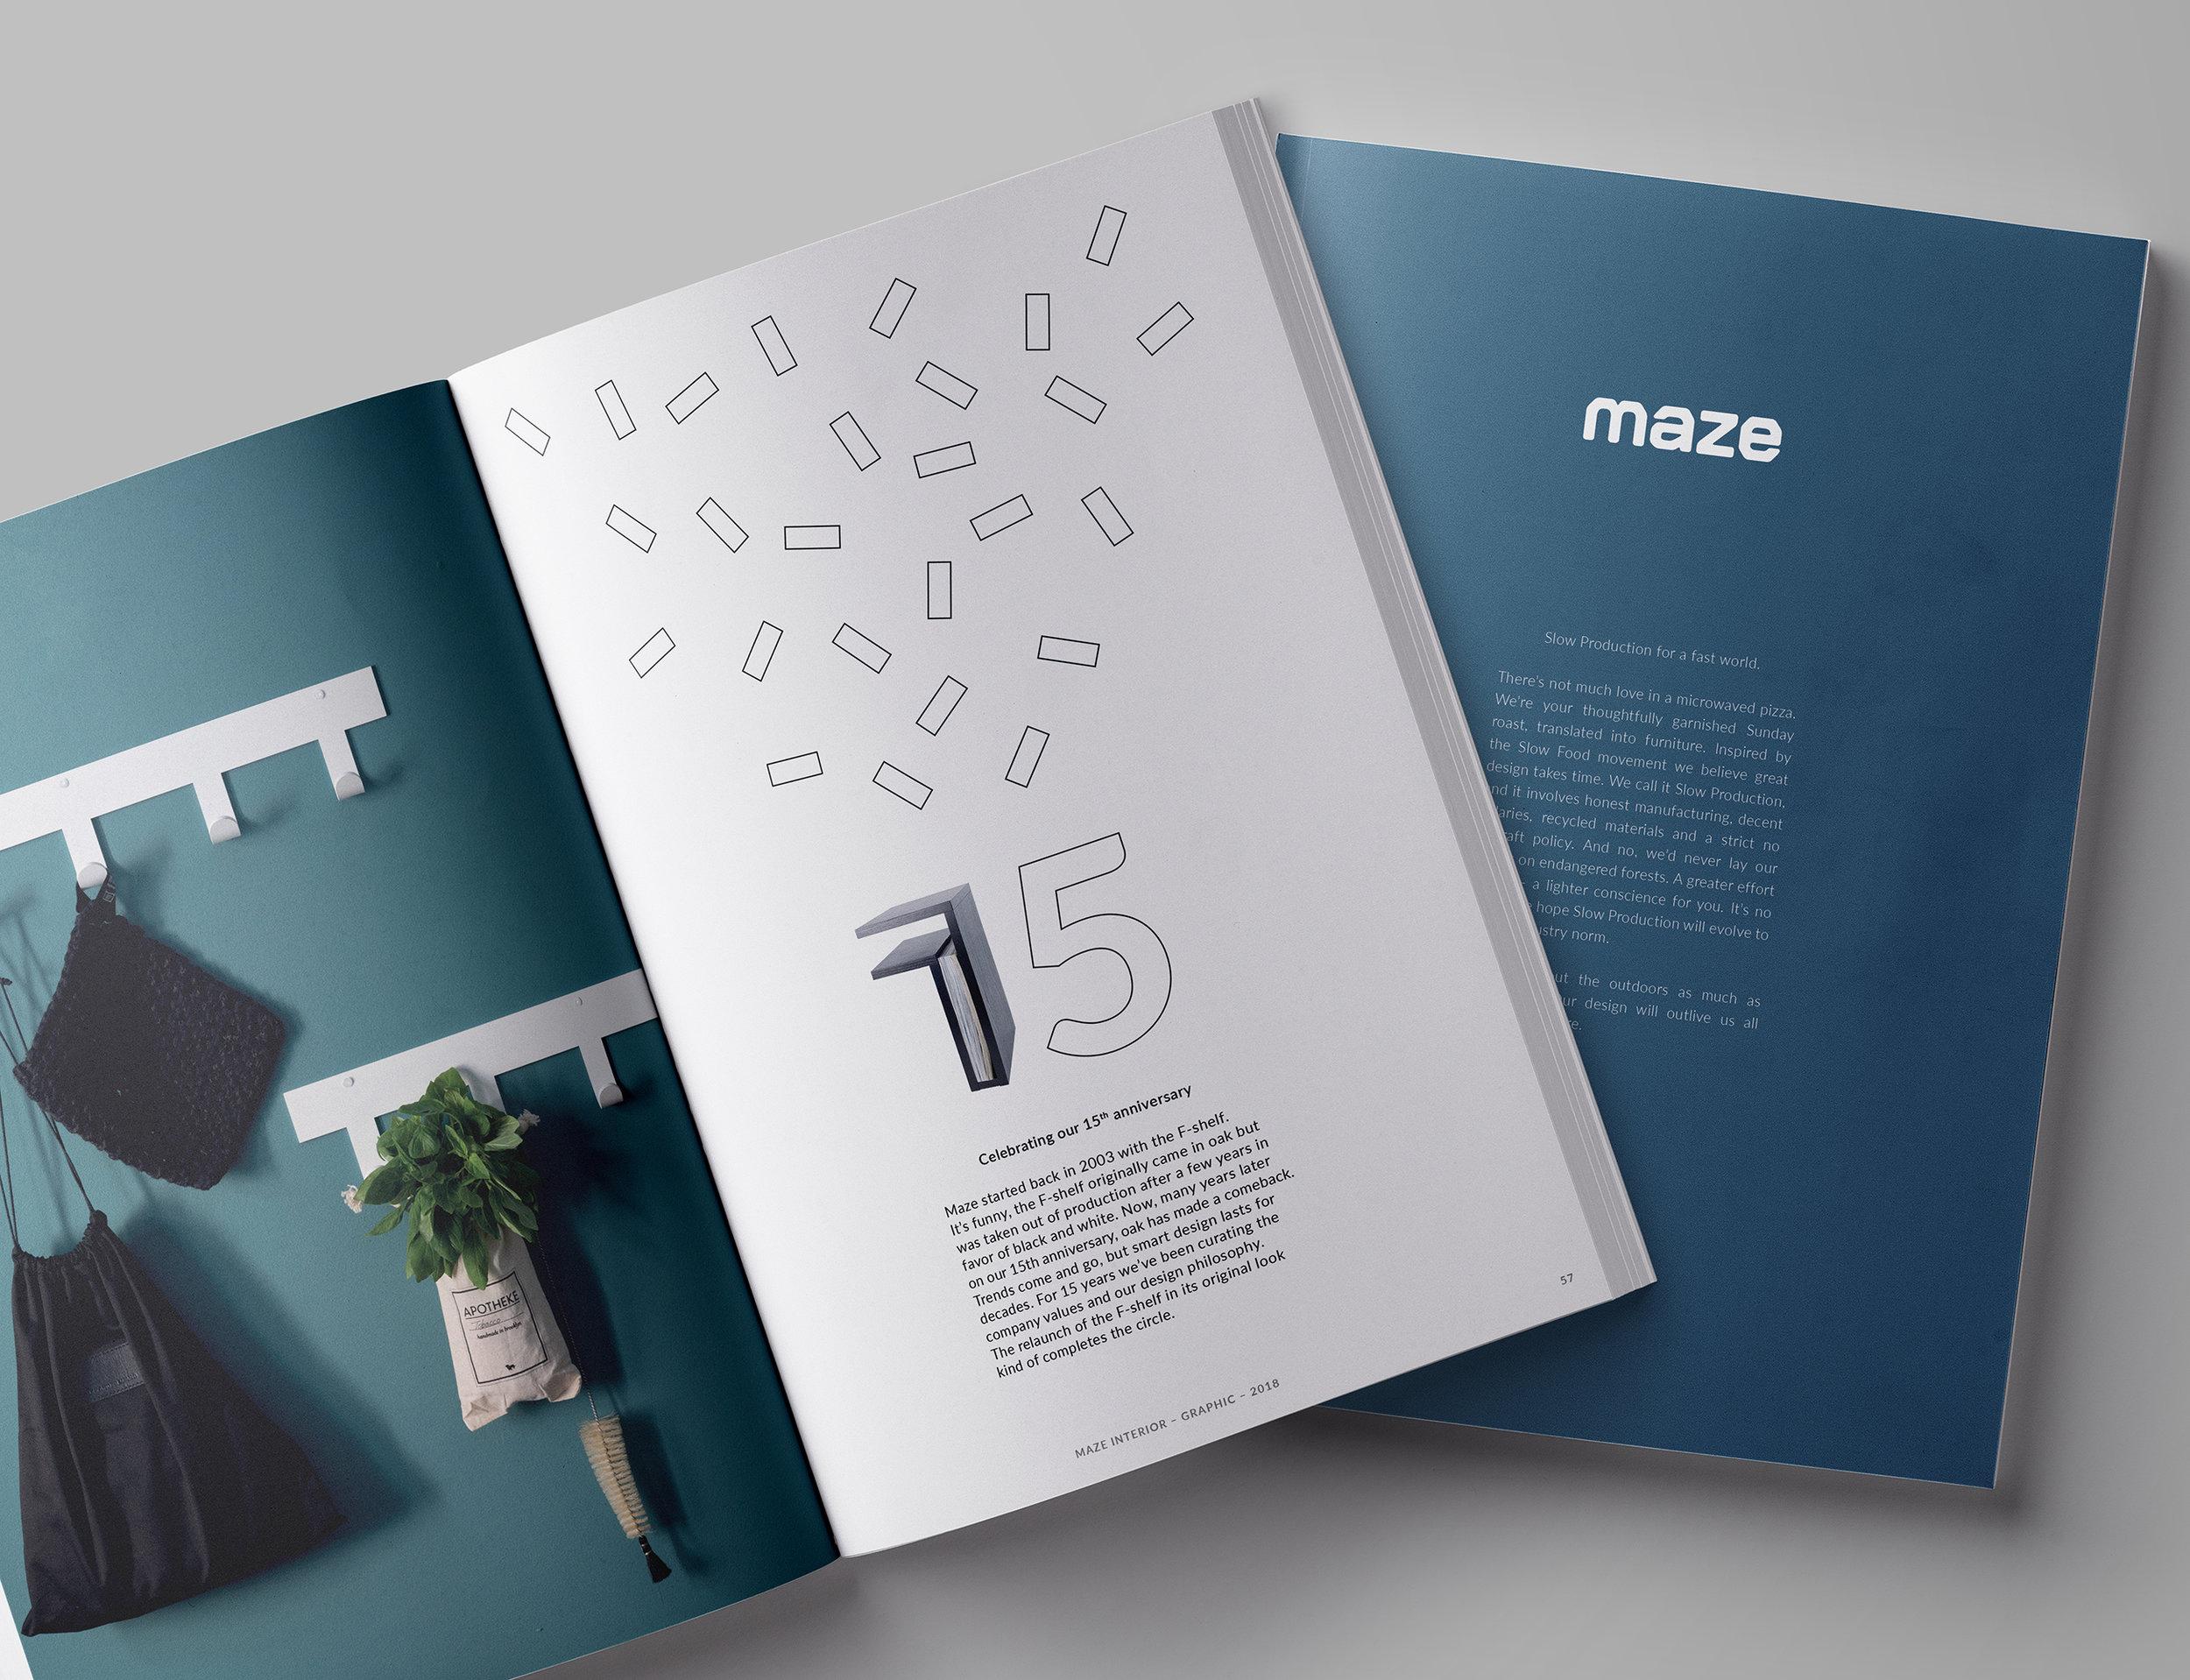 Mazecatalogue015.jpg